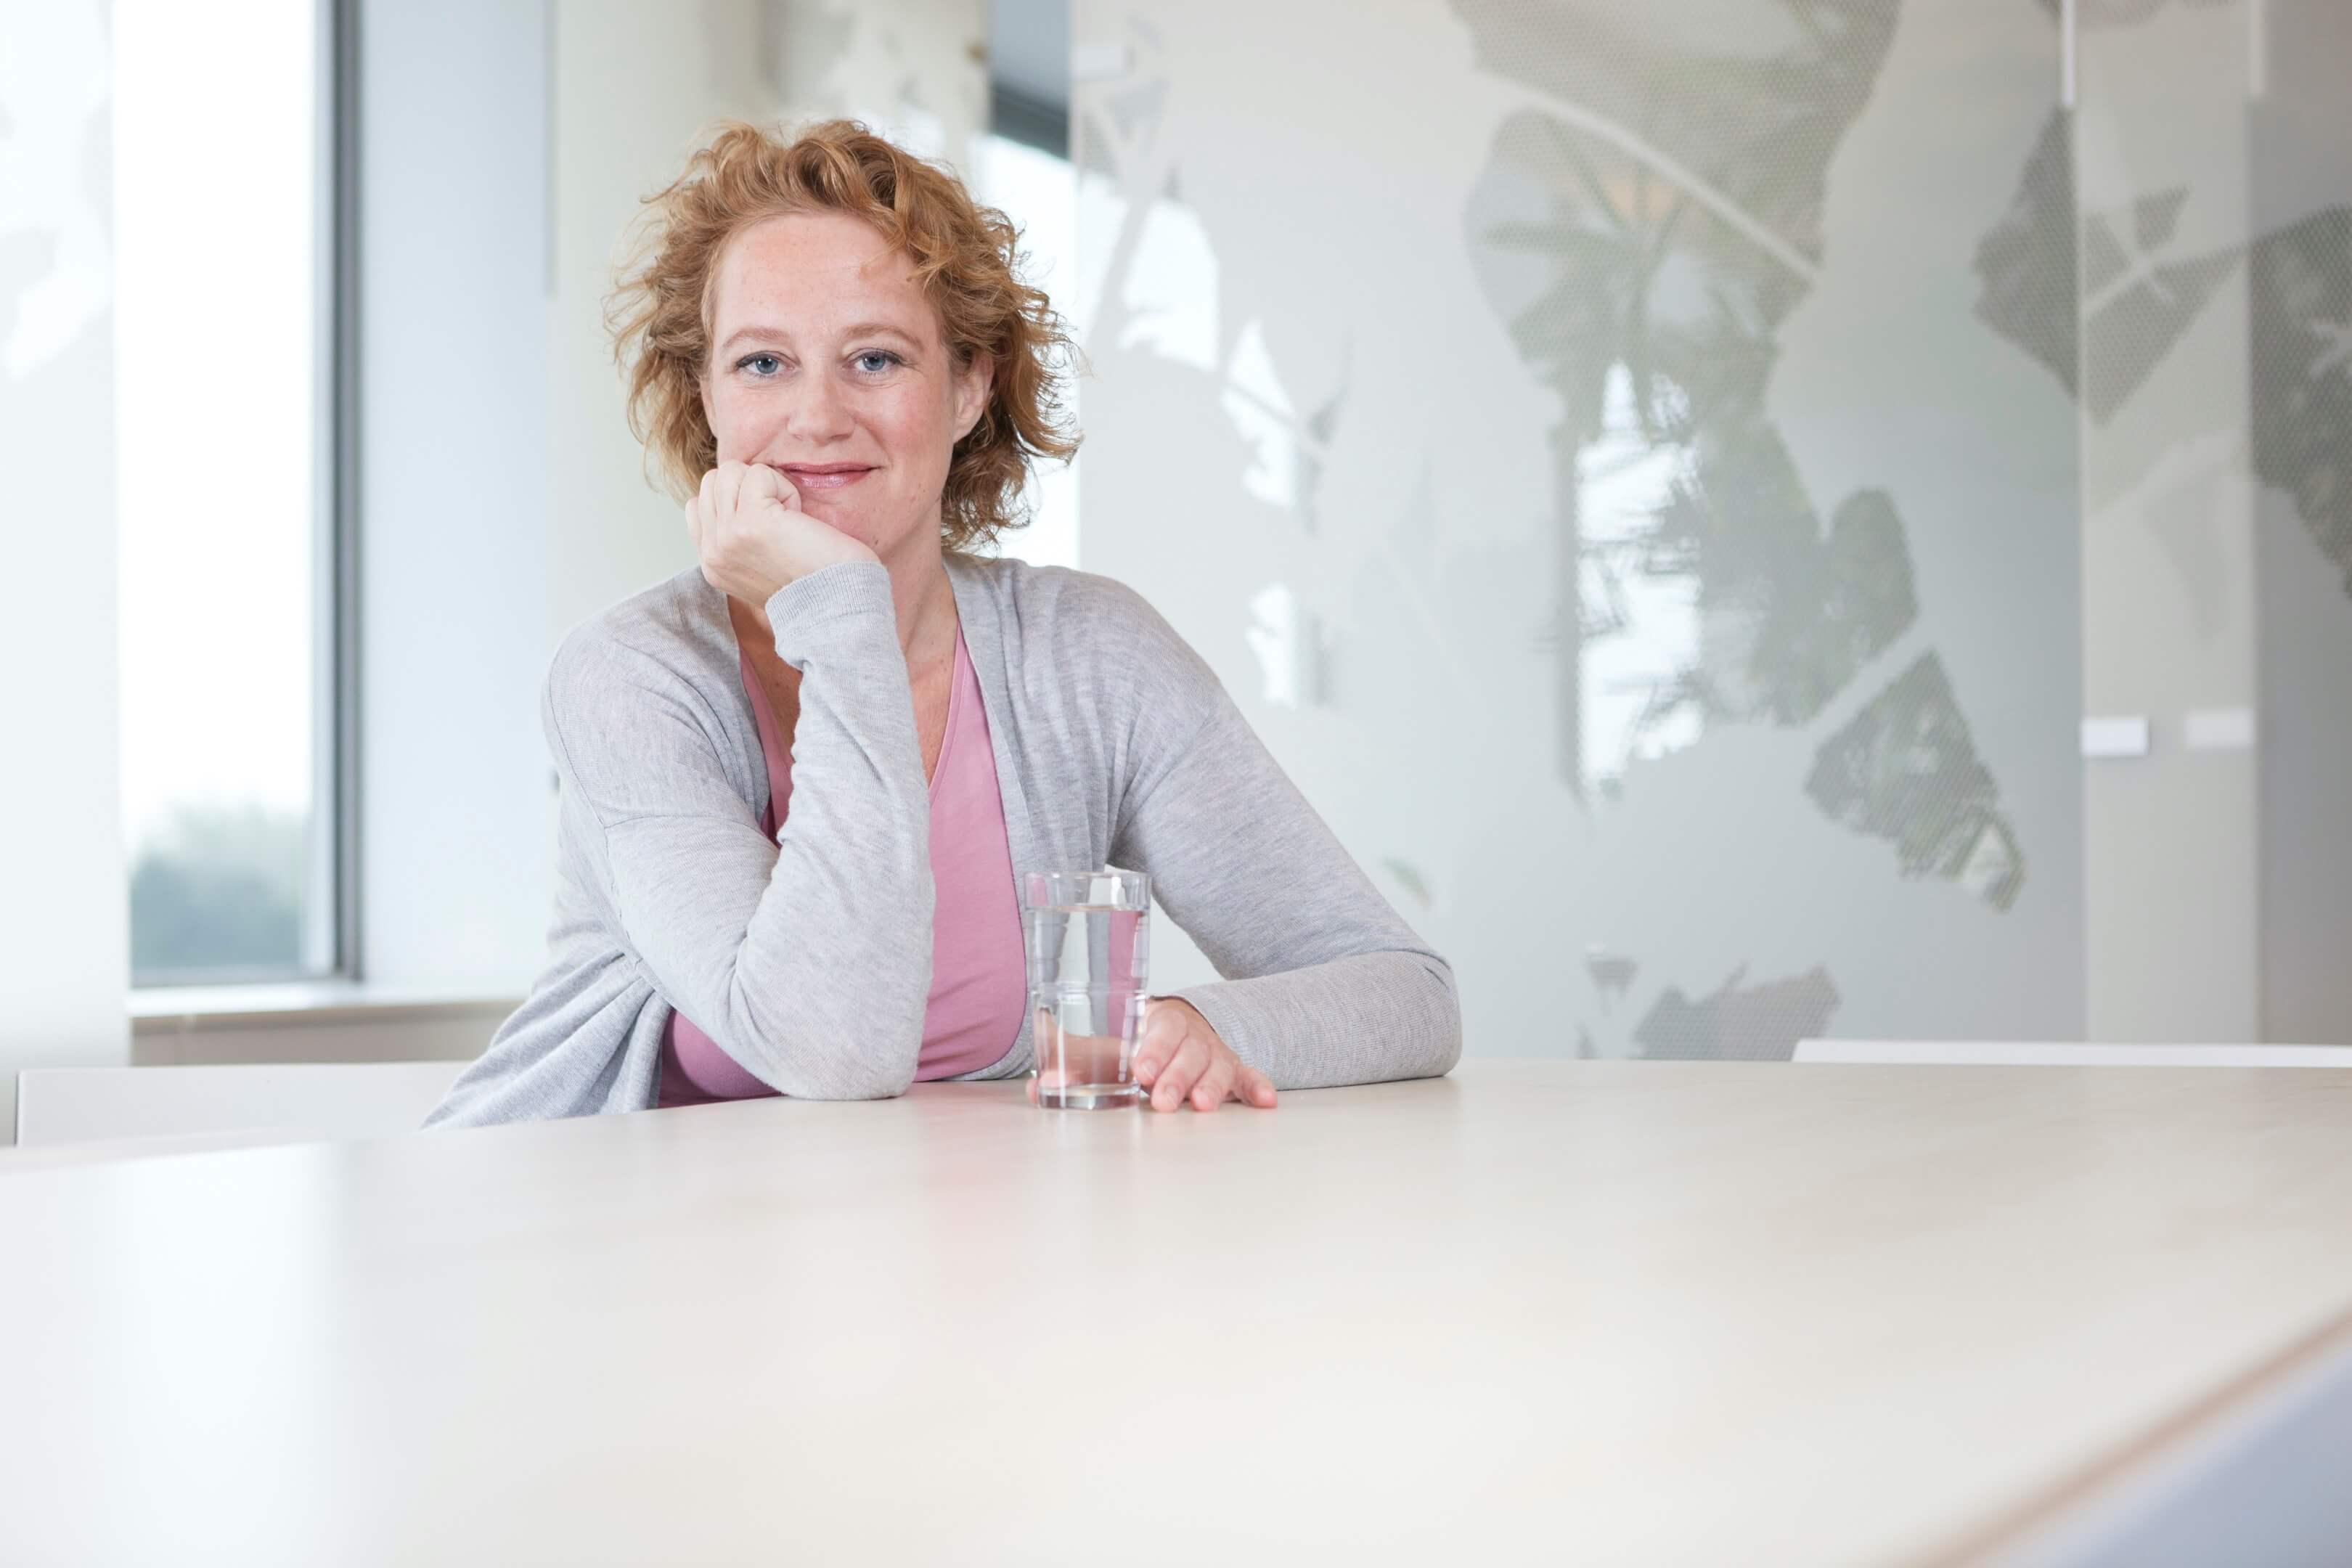 Vitalys Jurjen Poeles Fotografie (ex)patiënt portret Annemarie bariatrie Rijnstate Arnhem